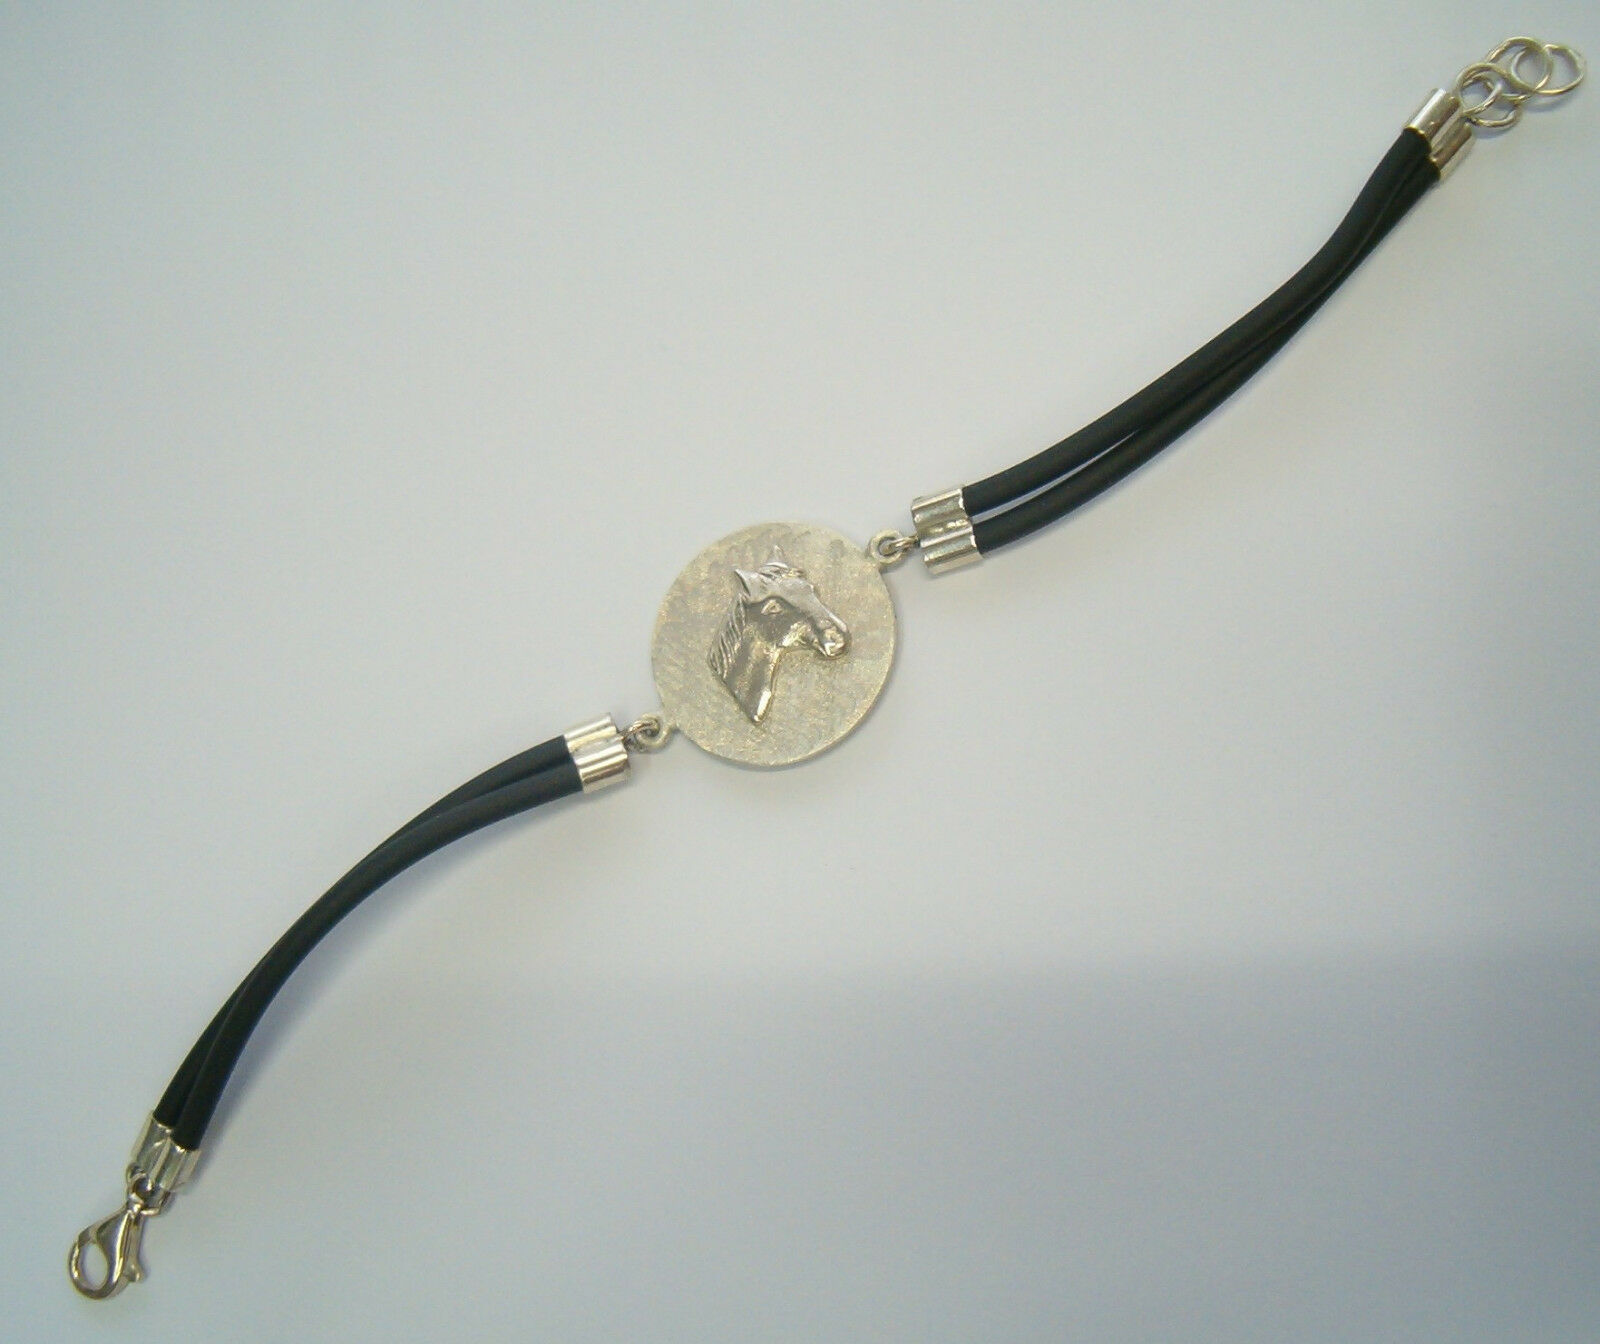 Braccialetto Braccialetto Braccialetto con CAVALLO in argentoo 925 e caucciù - bracciale Equitazione - bab434